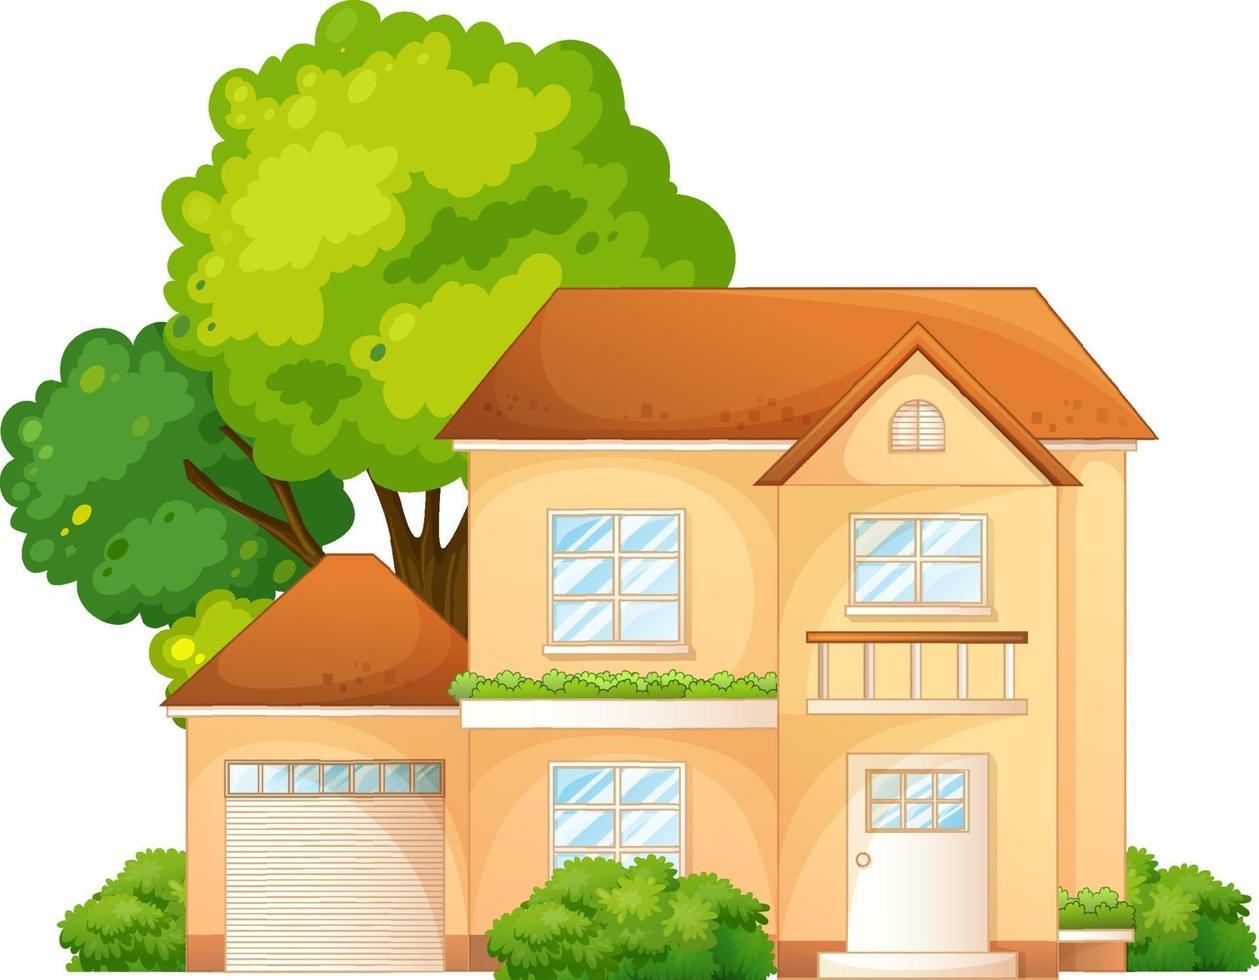 framsidan av ett hus med många träd som isoleras på vit bakgrund vektor